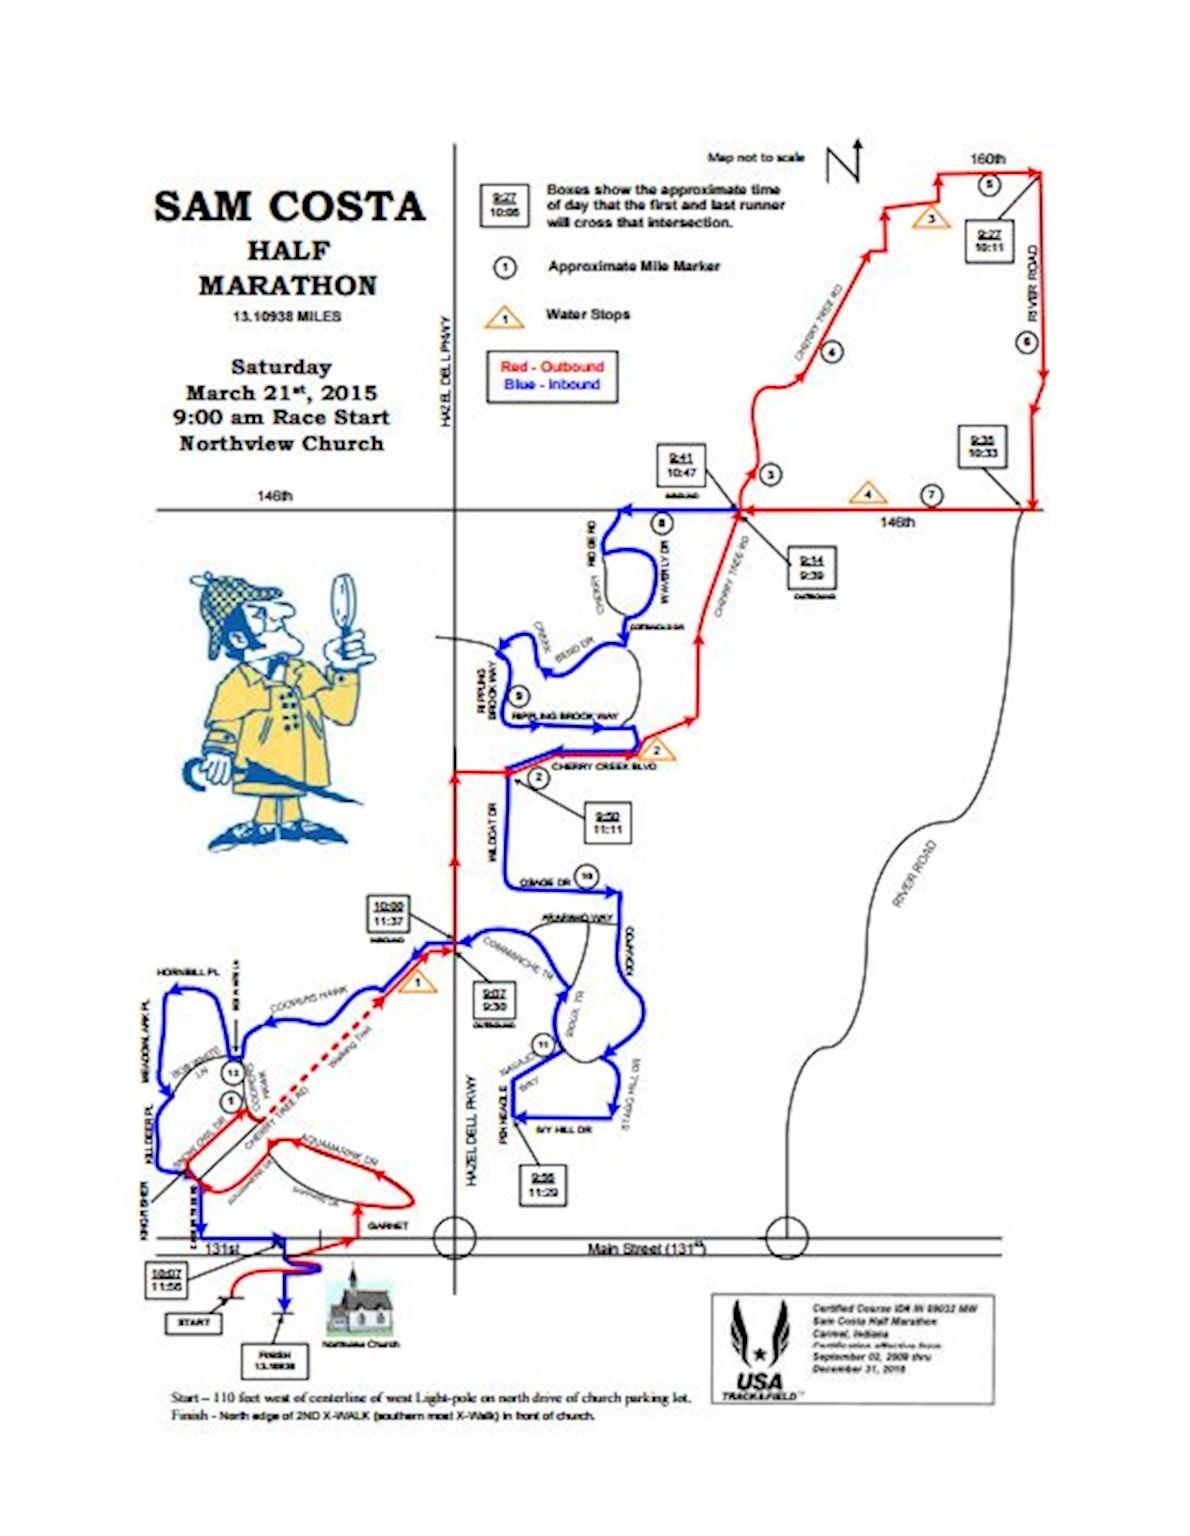 Sam Costa Half Marathon Mar 31 2018 Worlds Marathons